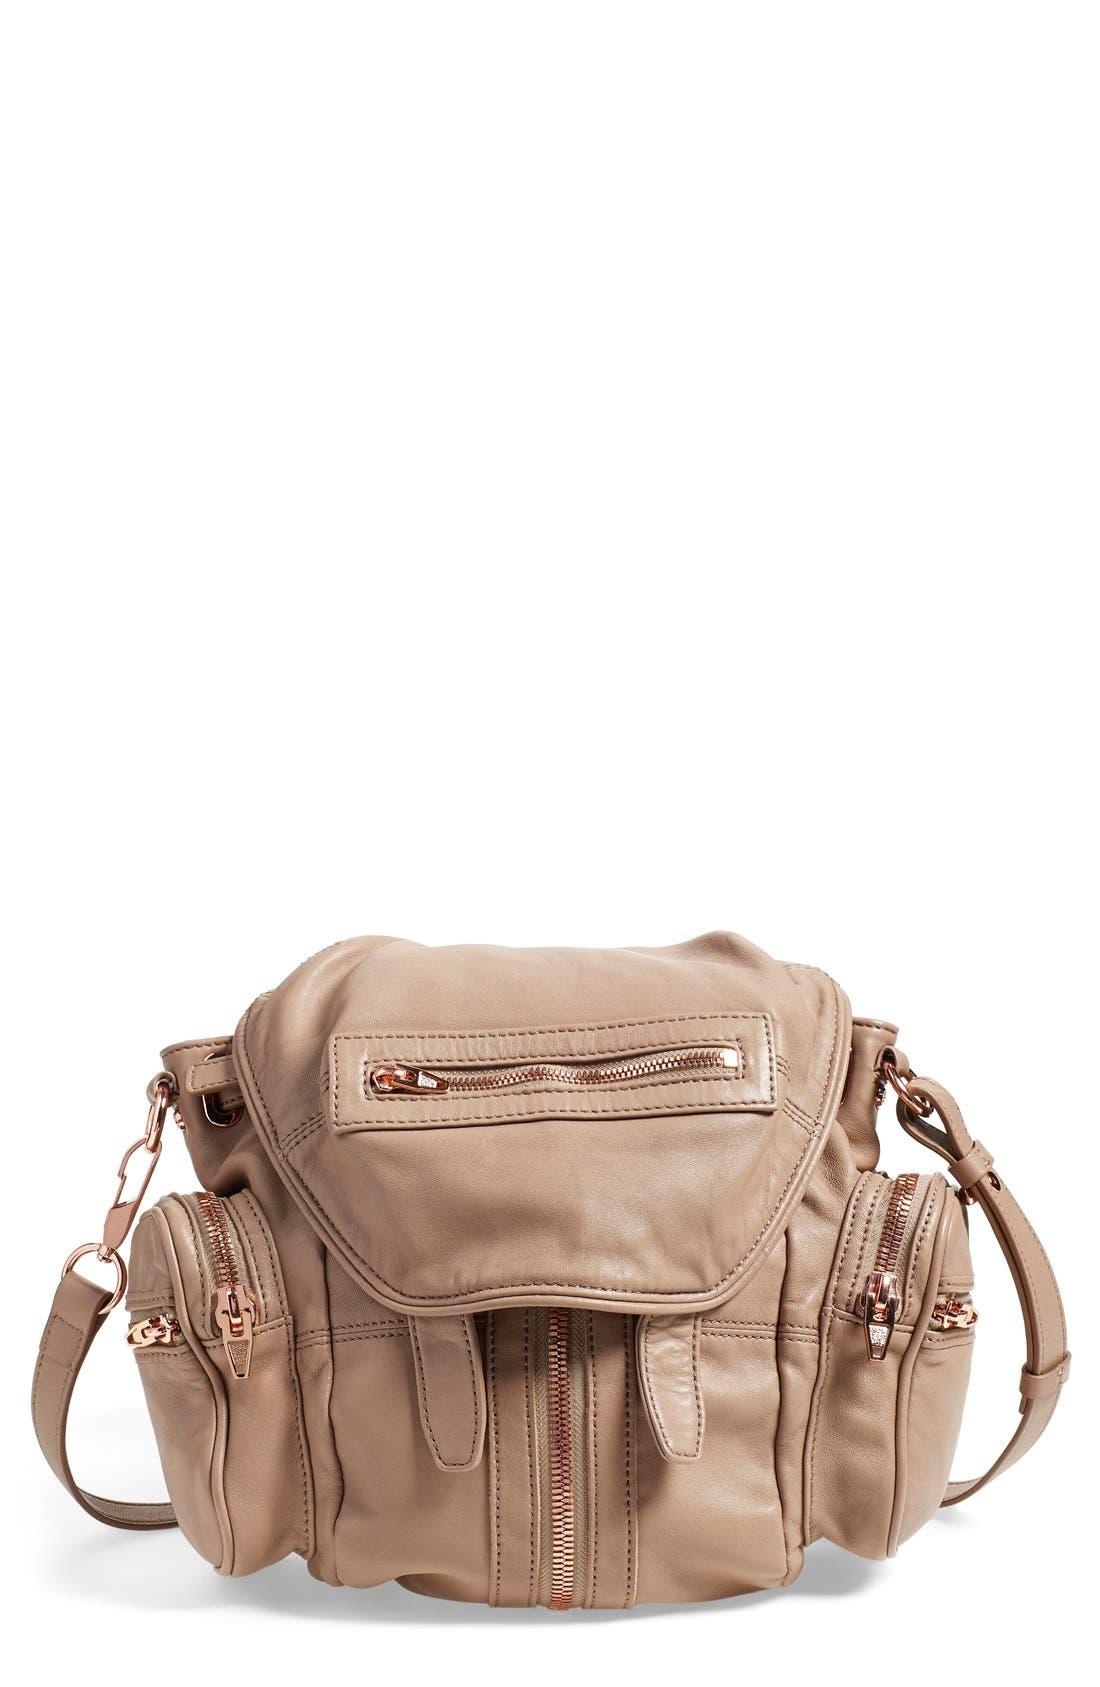 Alternate Image 1 Selected - Alexander Wang 'Mini Marti' Backpack